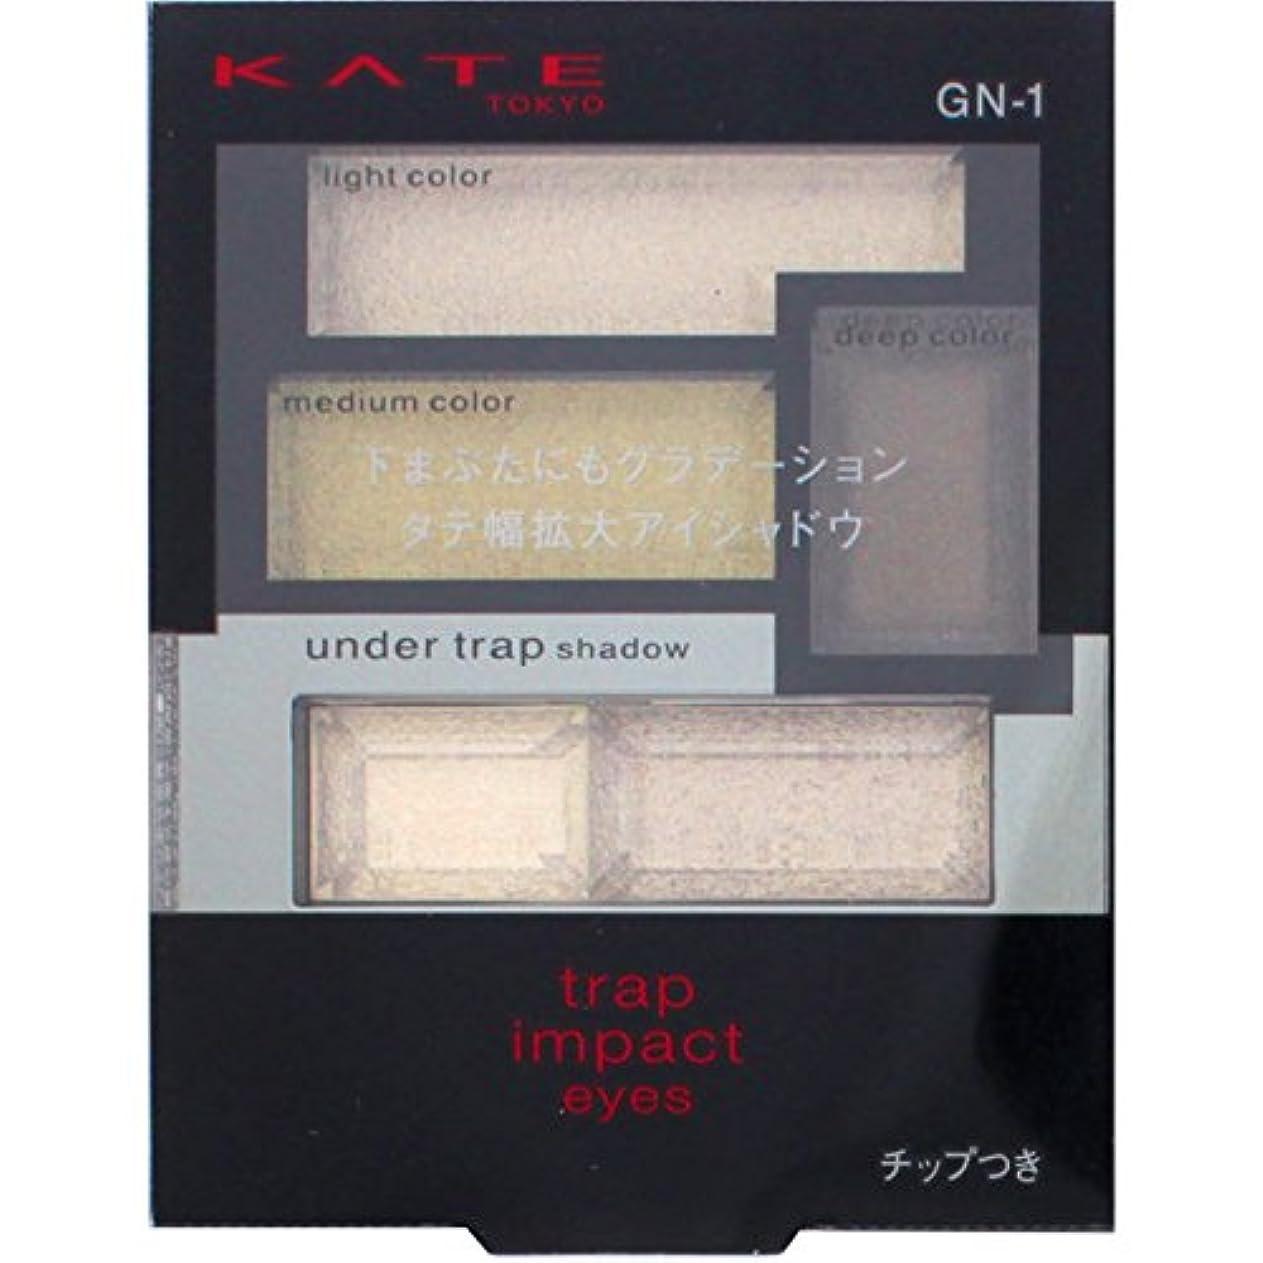 デッドロック縫う病院カネボウ ケイト トラップインパクトアイズ GN-1